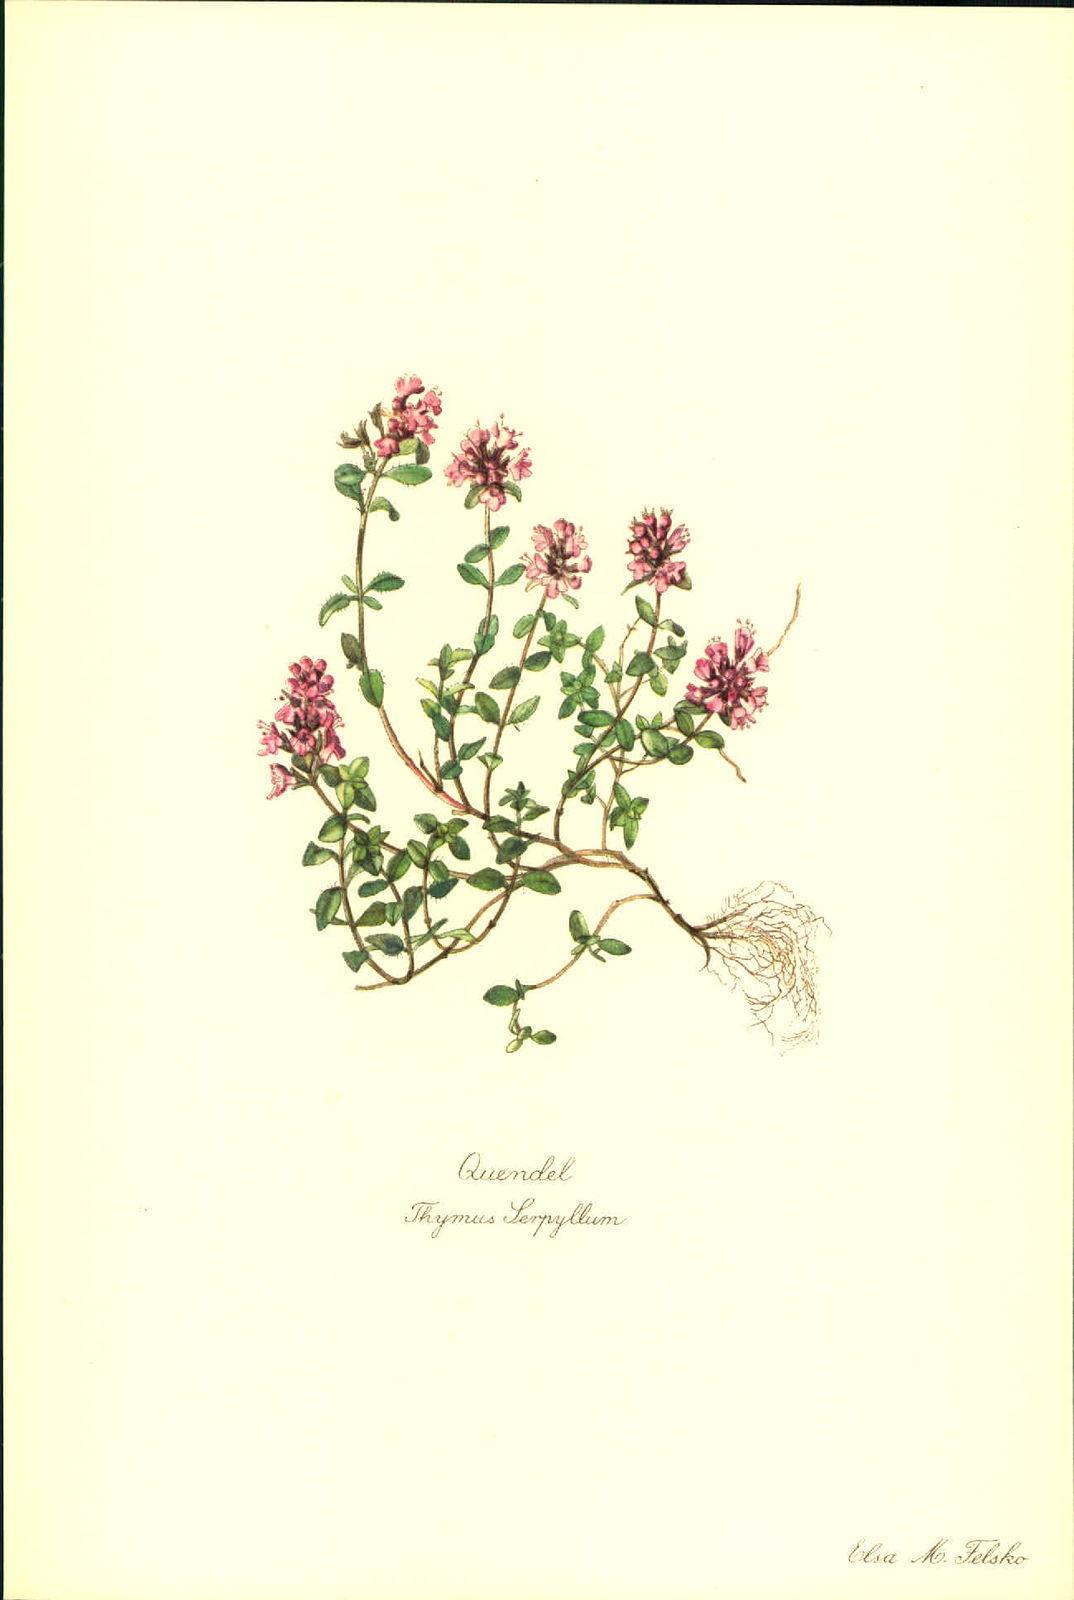 Quendel (Thymus Serpyllum). Kunstdruck nach Aquarell von Elsa M. Felsko.